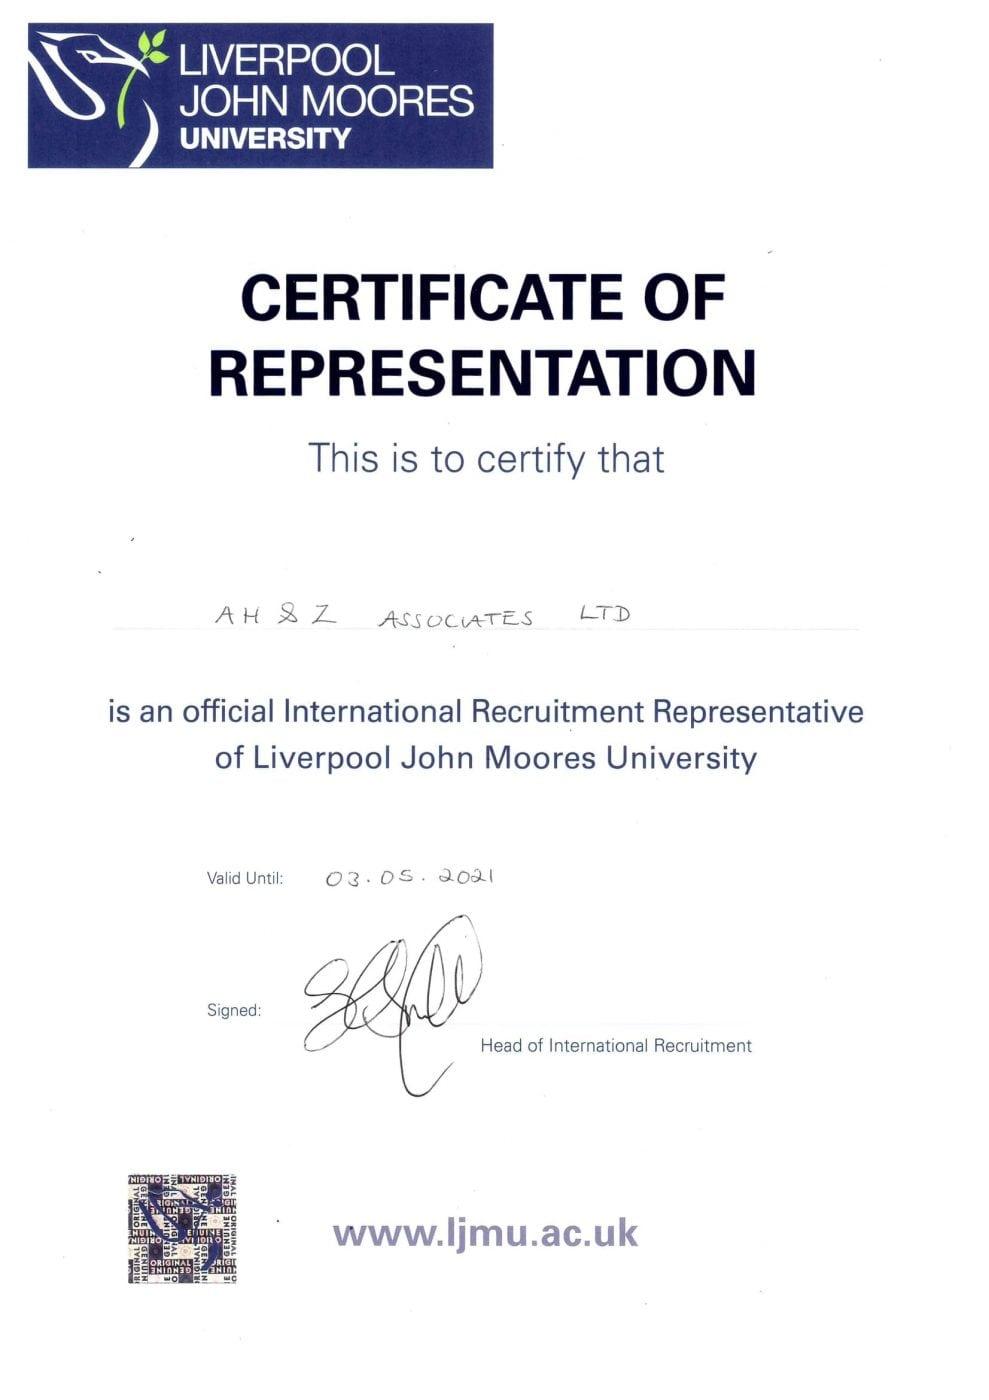 LJMU representation certificate